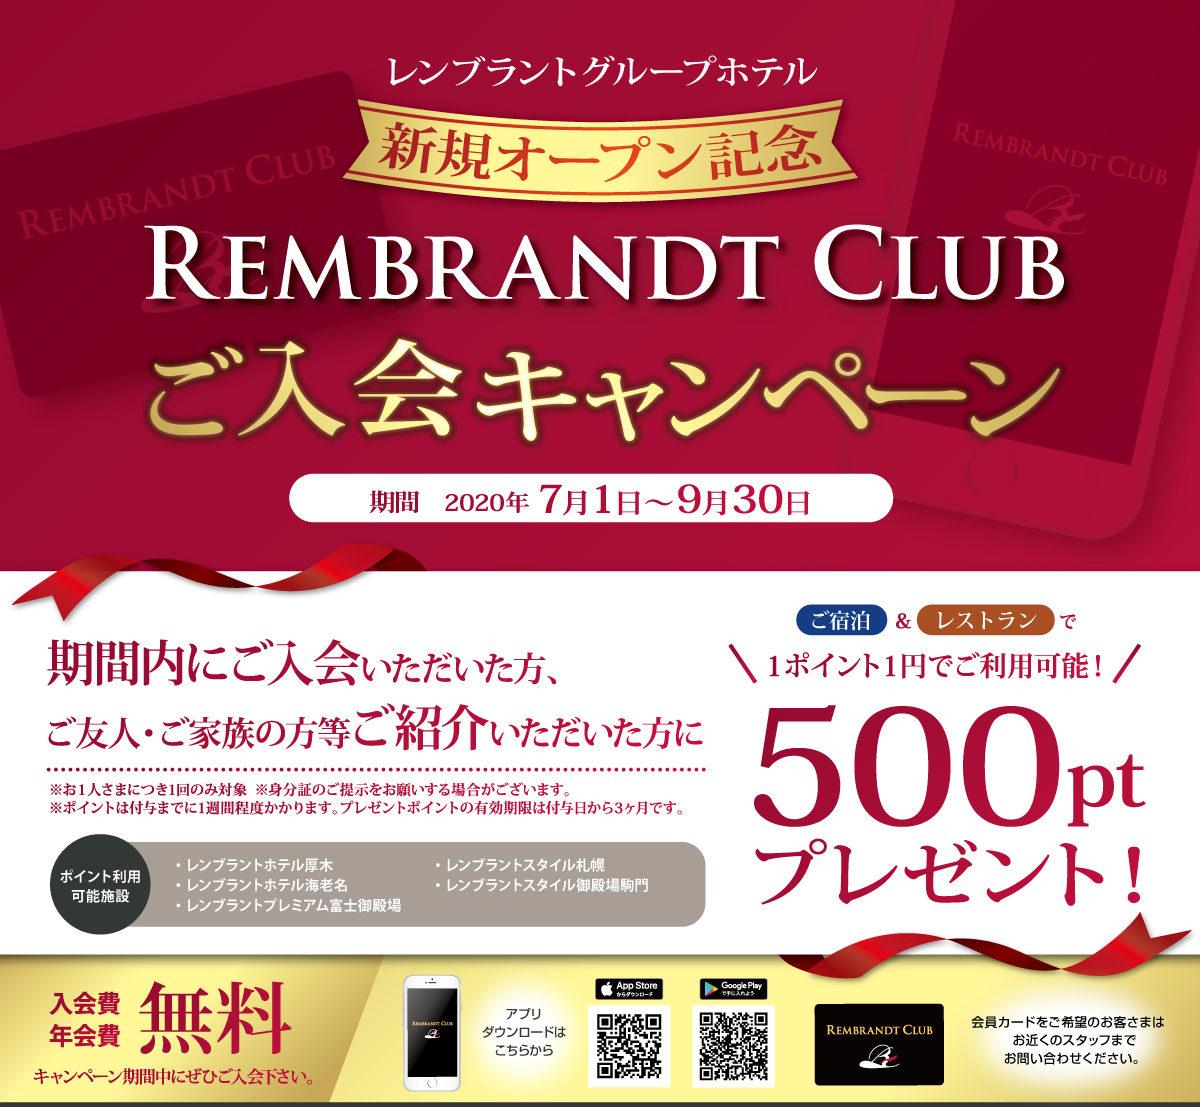 レンブラントクラブ キャンペーン